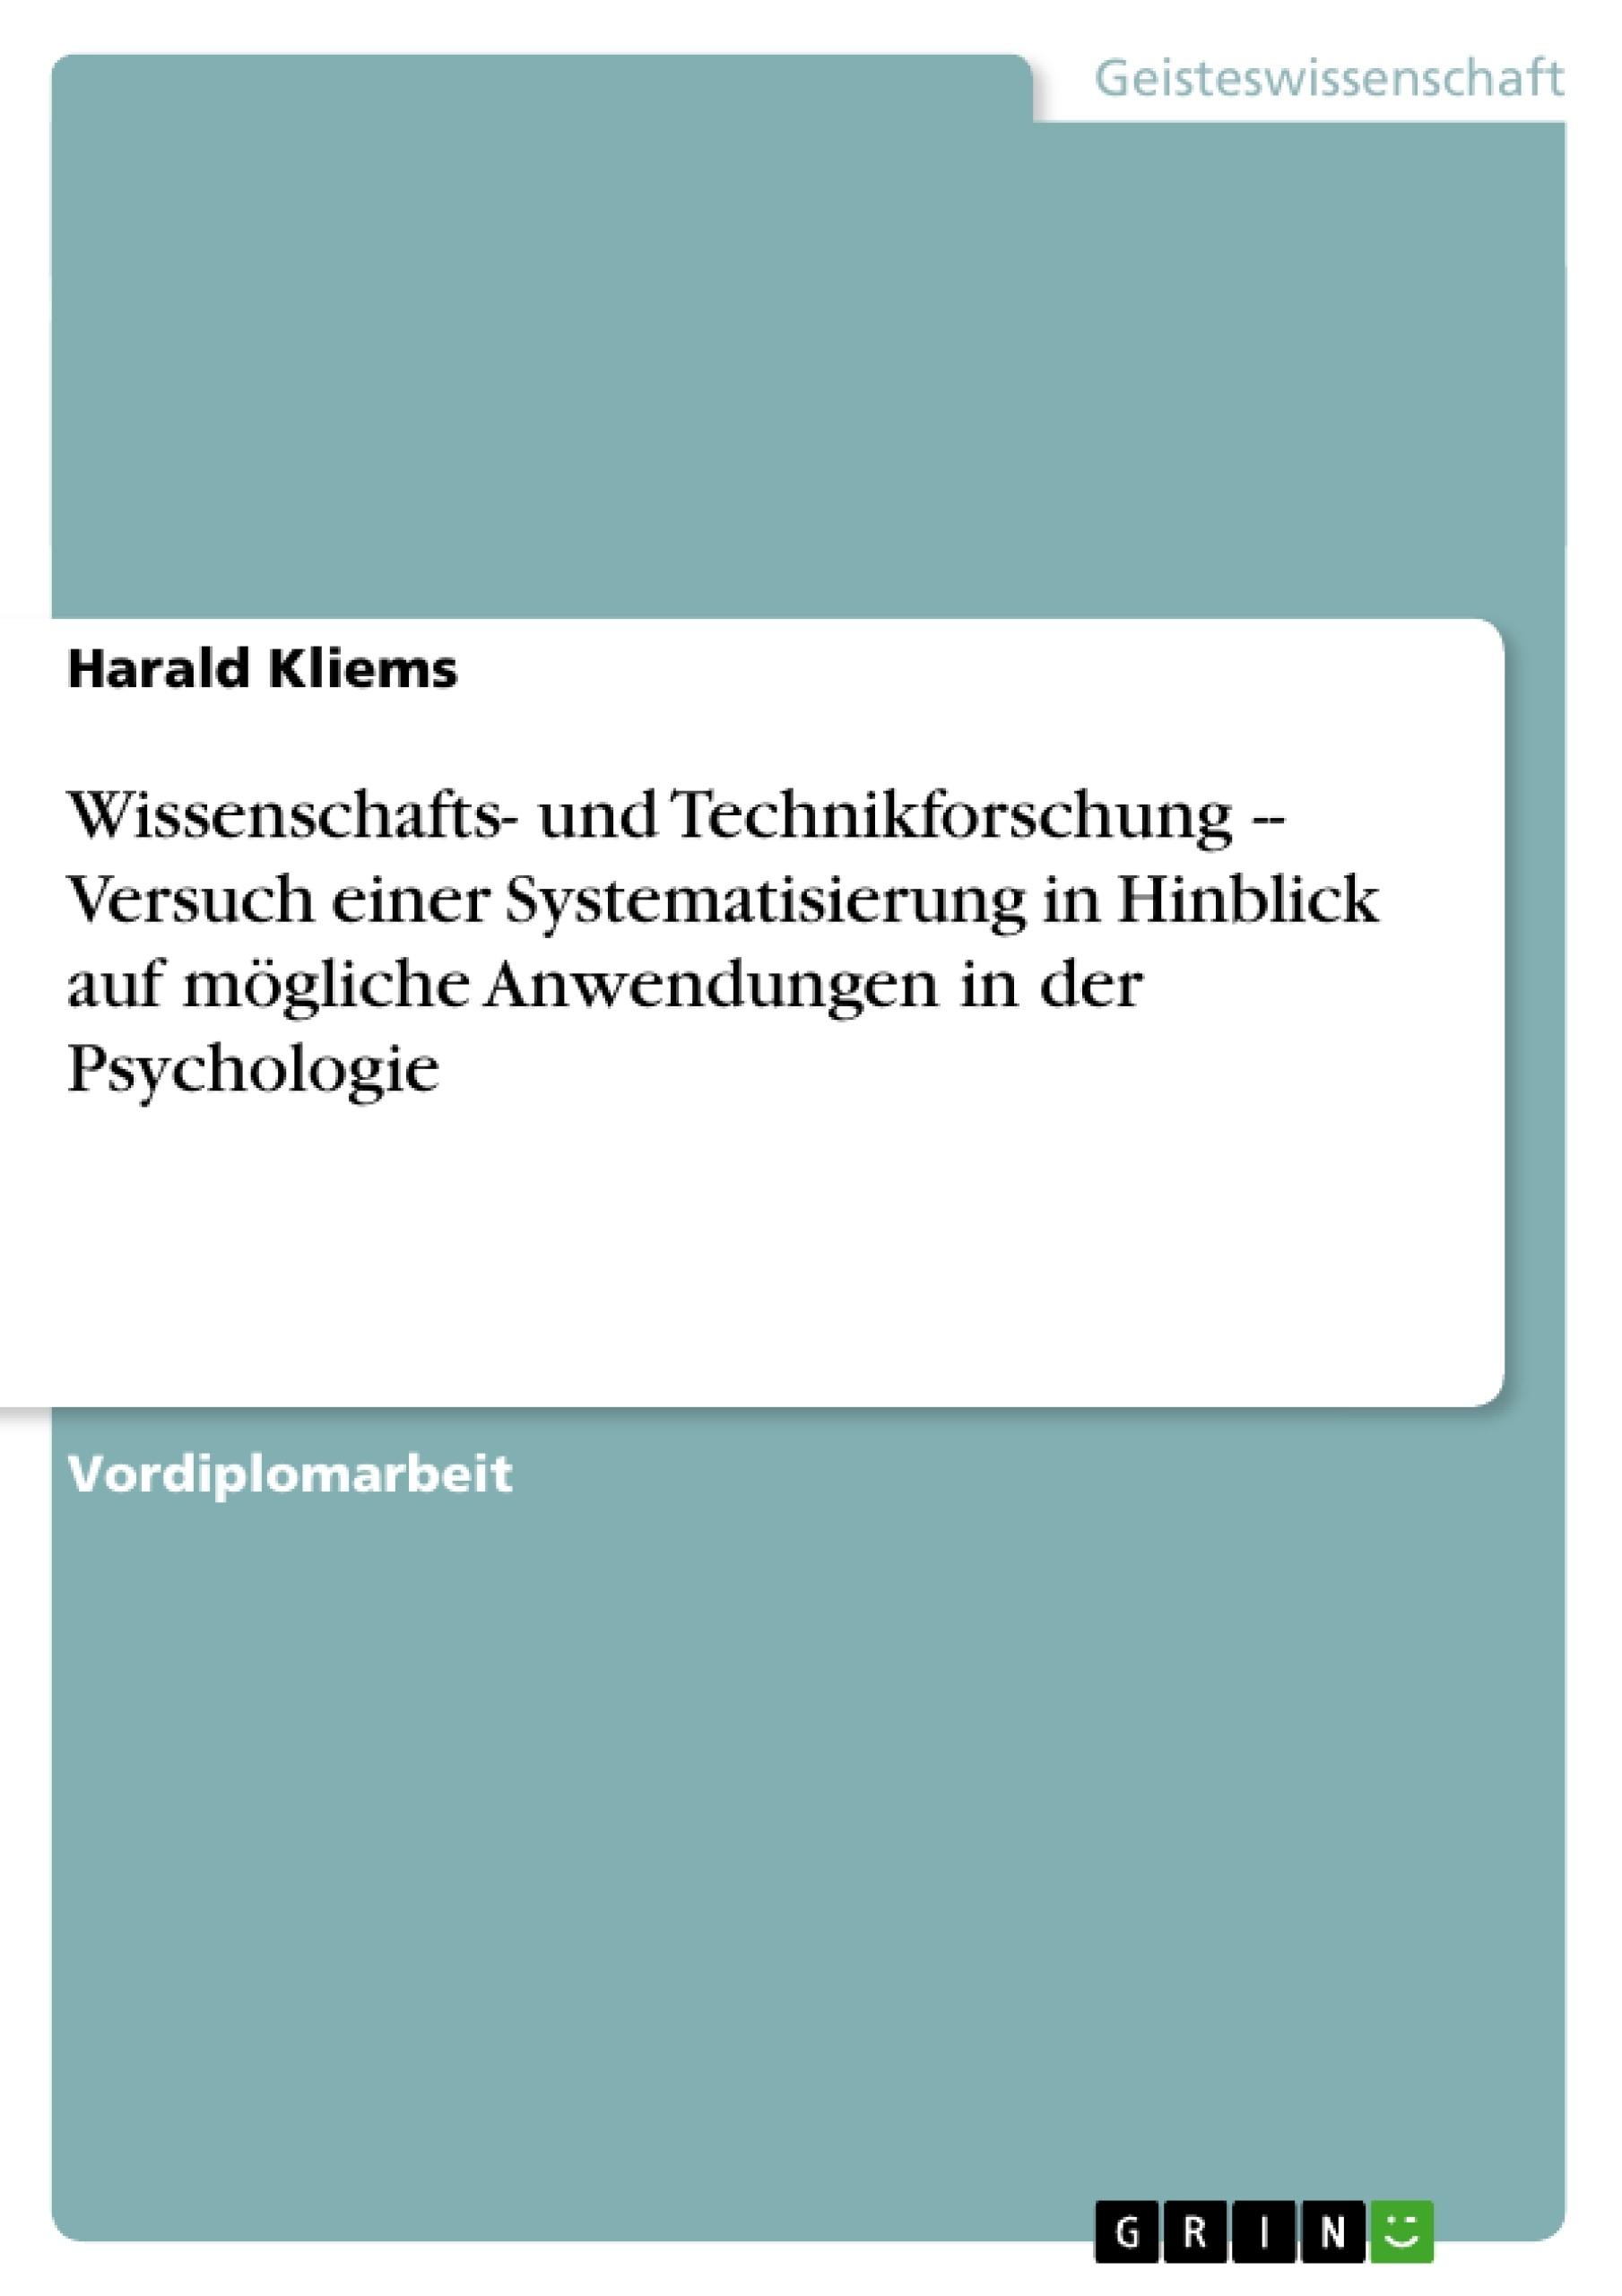 Titel: Wissenschafts- und Technikforschung -- Versuch einer Systematisierung in Hinblick auf mögliche Anwendungen in der Psychologie